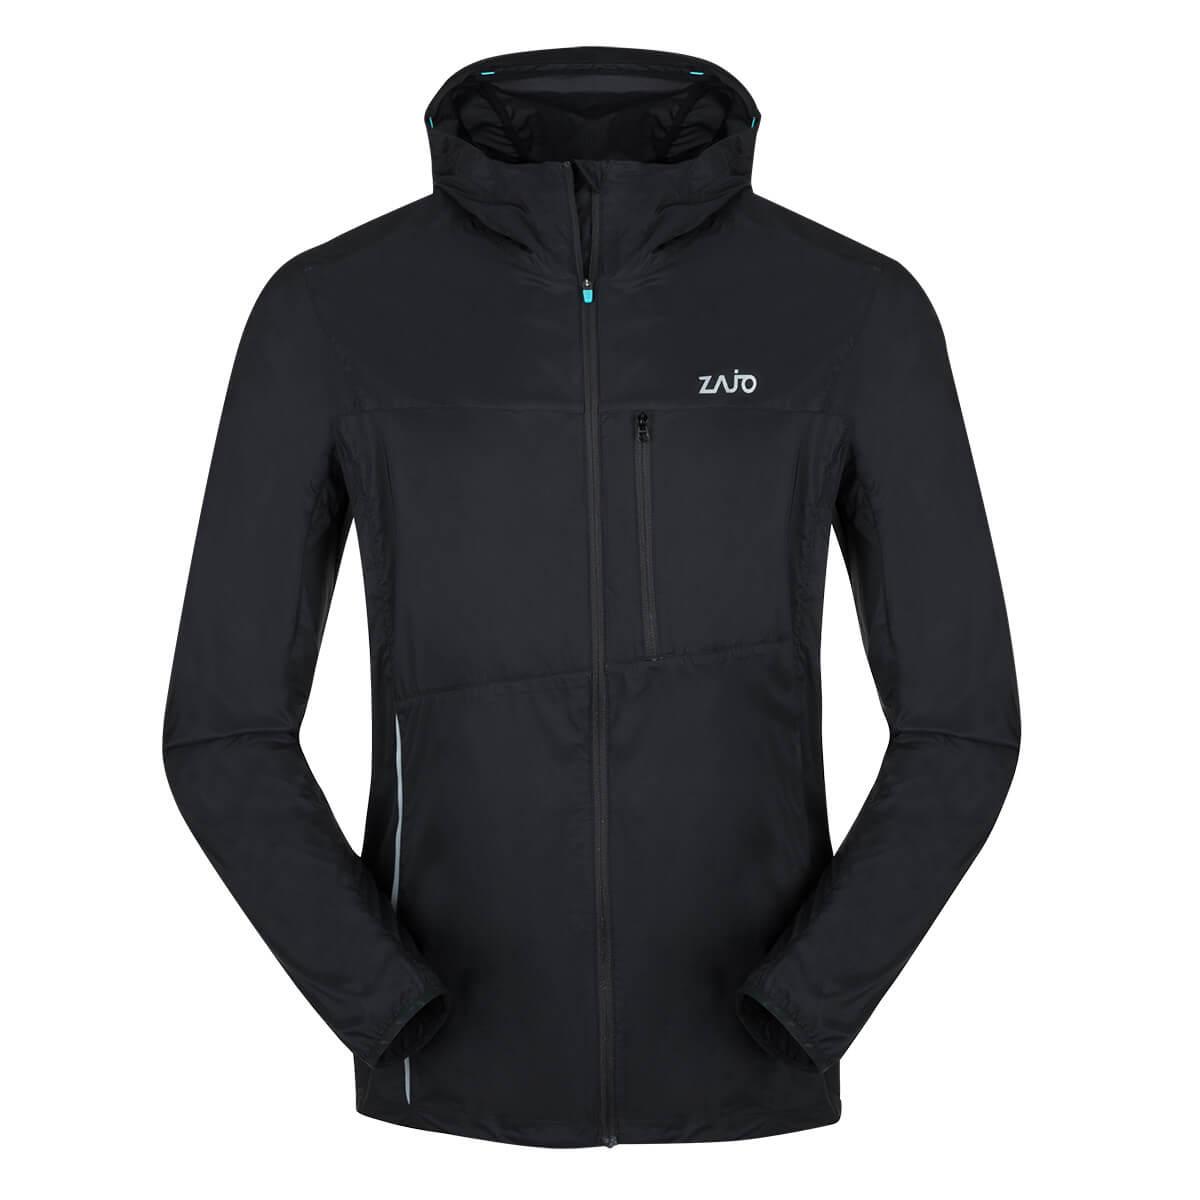 Pánska bunda Zajo Litio JKT Black - veľkosť S